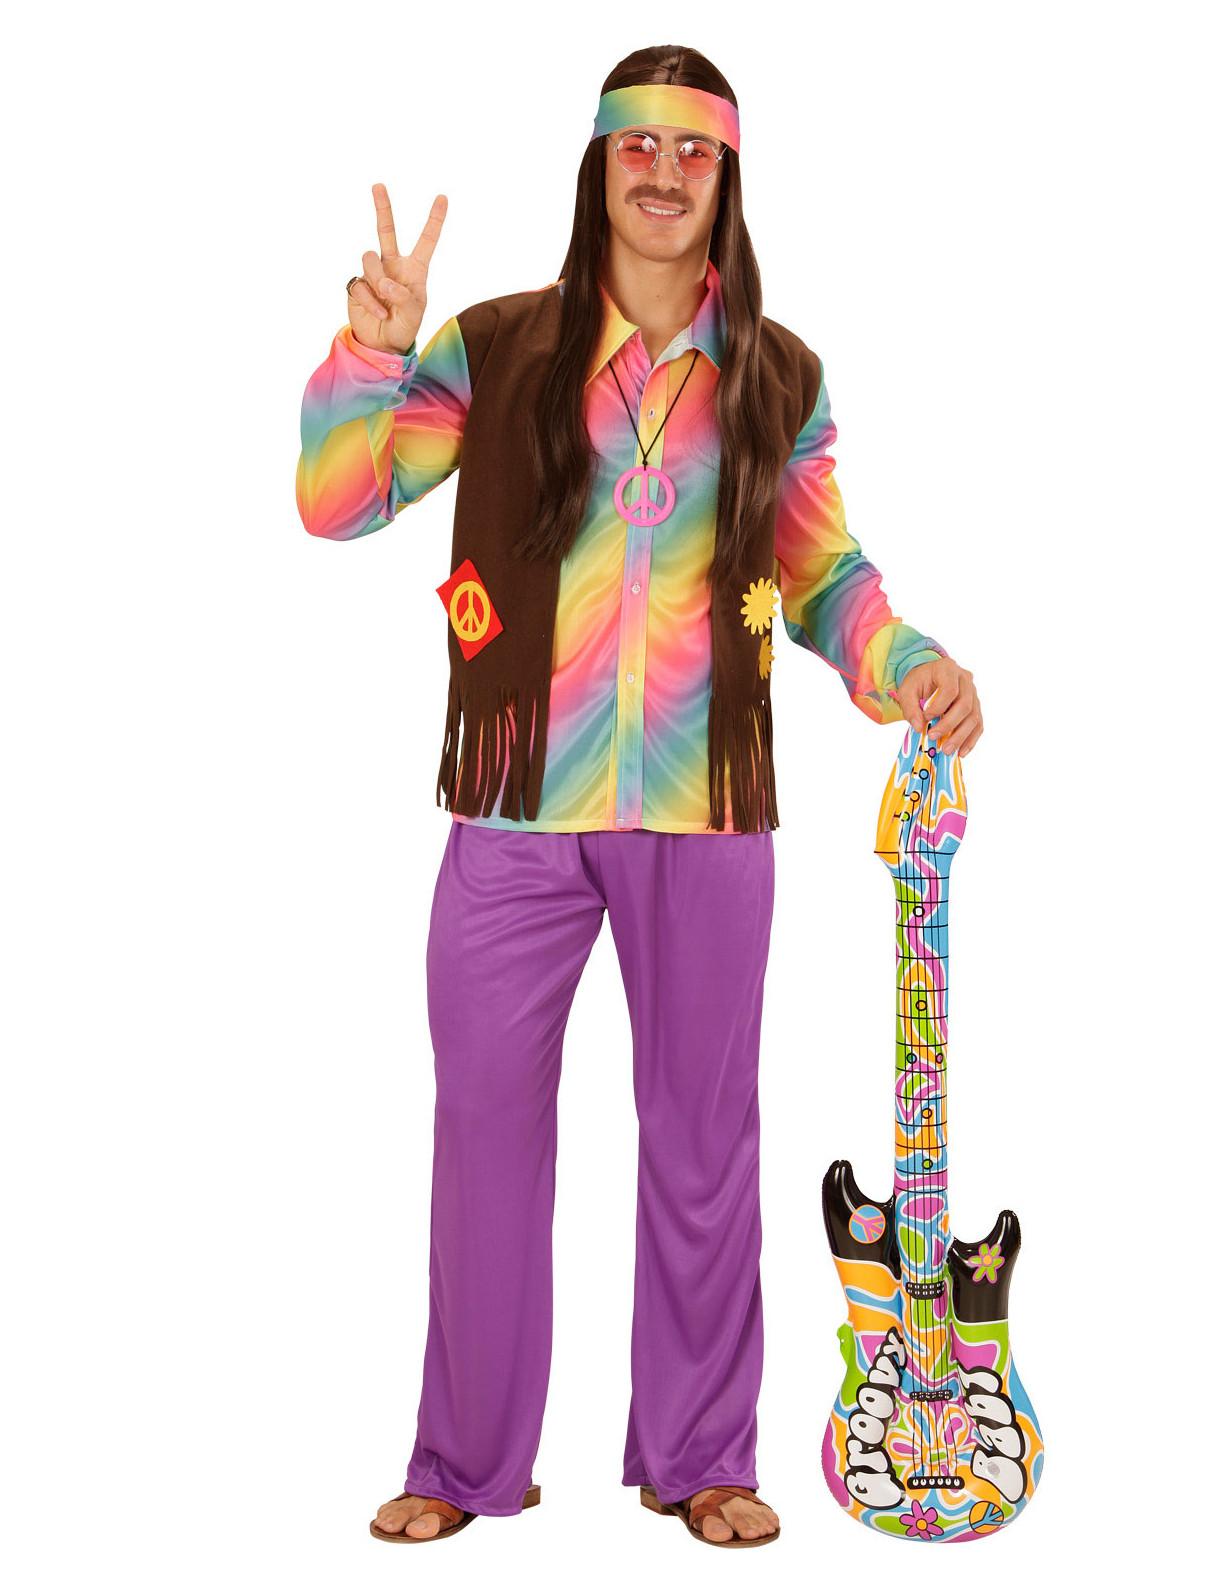 d guisement hippie multicolore pastel homme deguise toi achat de d guisements adultes. Black Bedroom Furniture Sets. Home Design Ideas